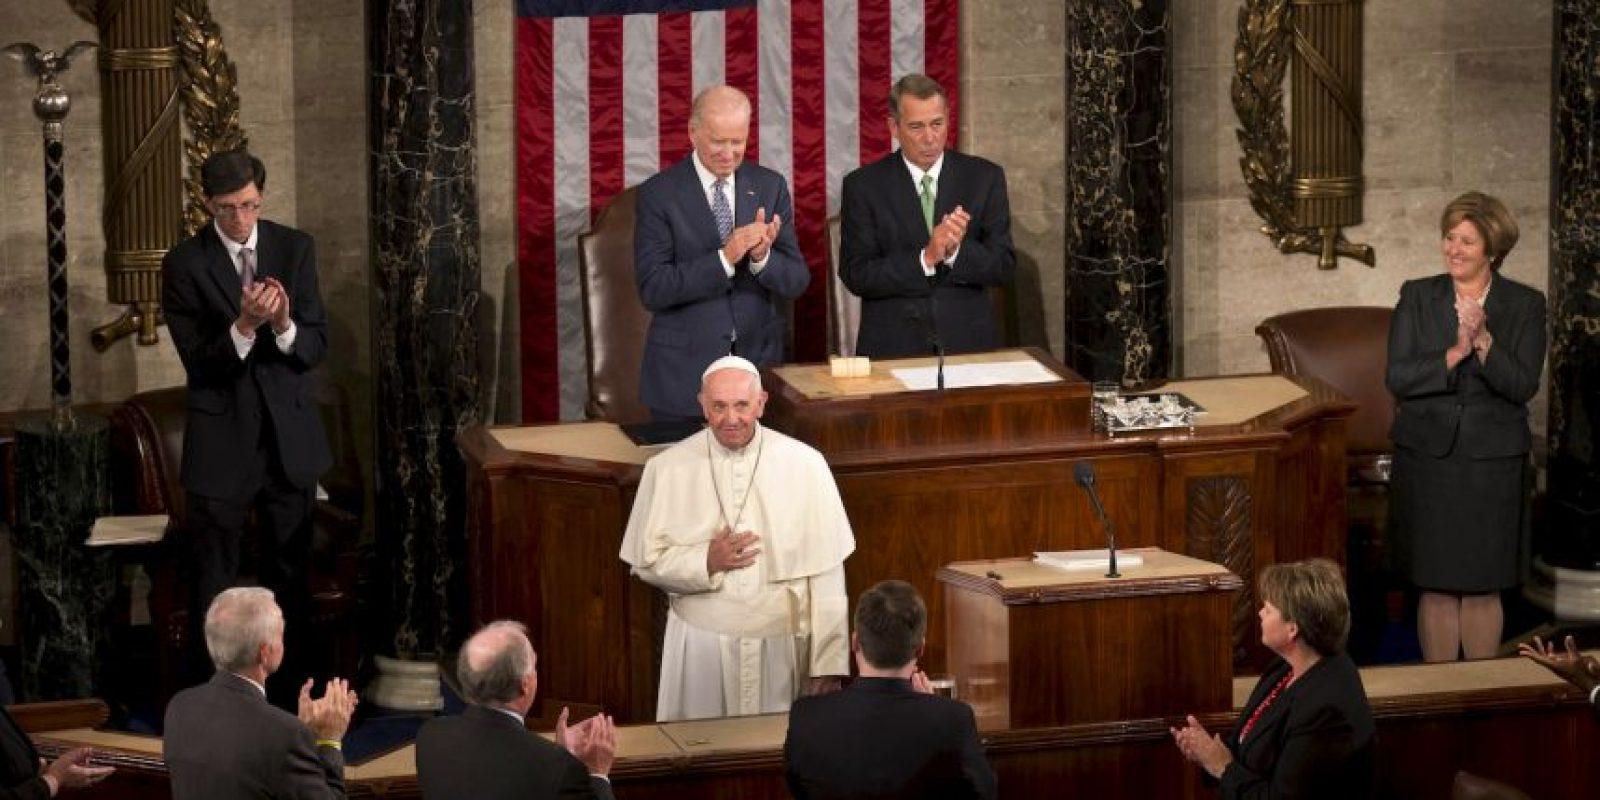 El jueves dio un discurso frente al Congreso estadounidense donde pidió la abolición de la pena de muerte. Foto:AP